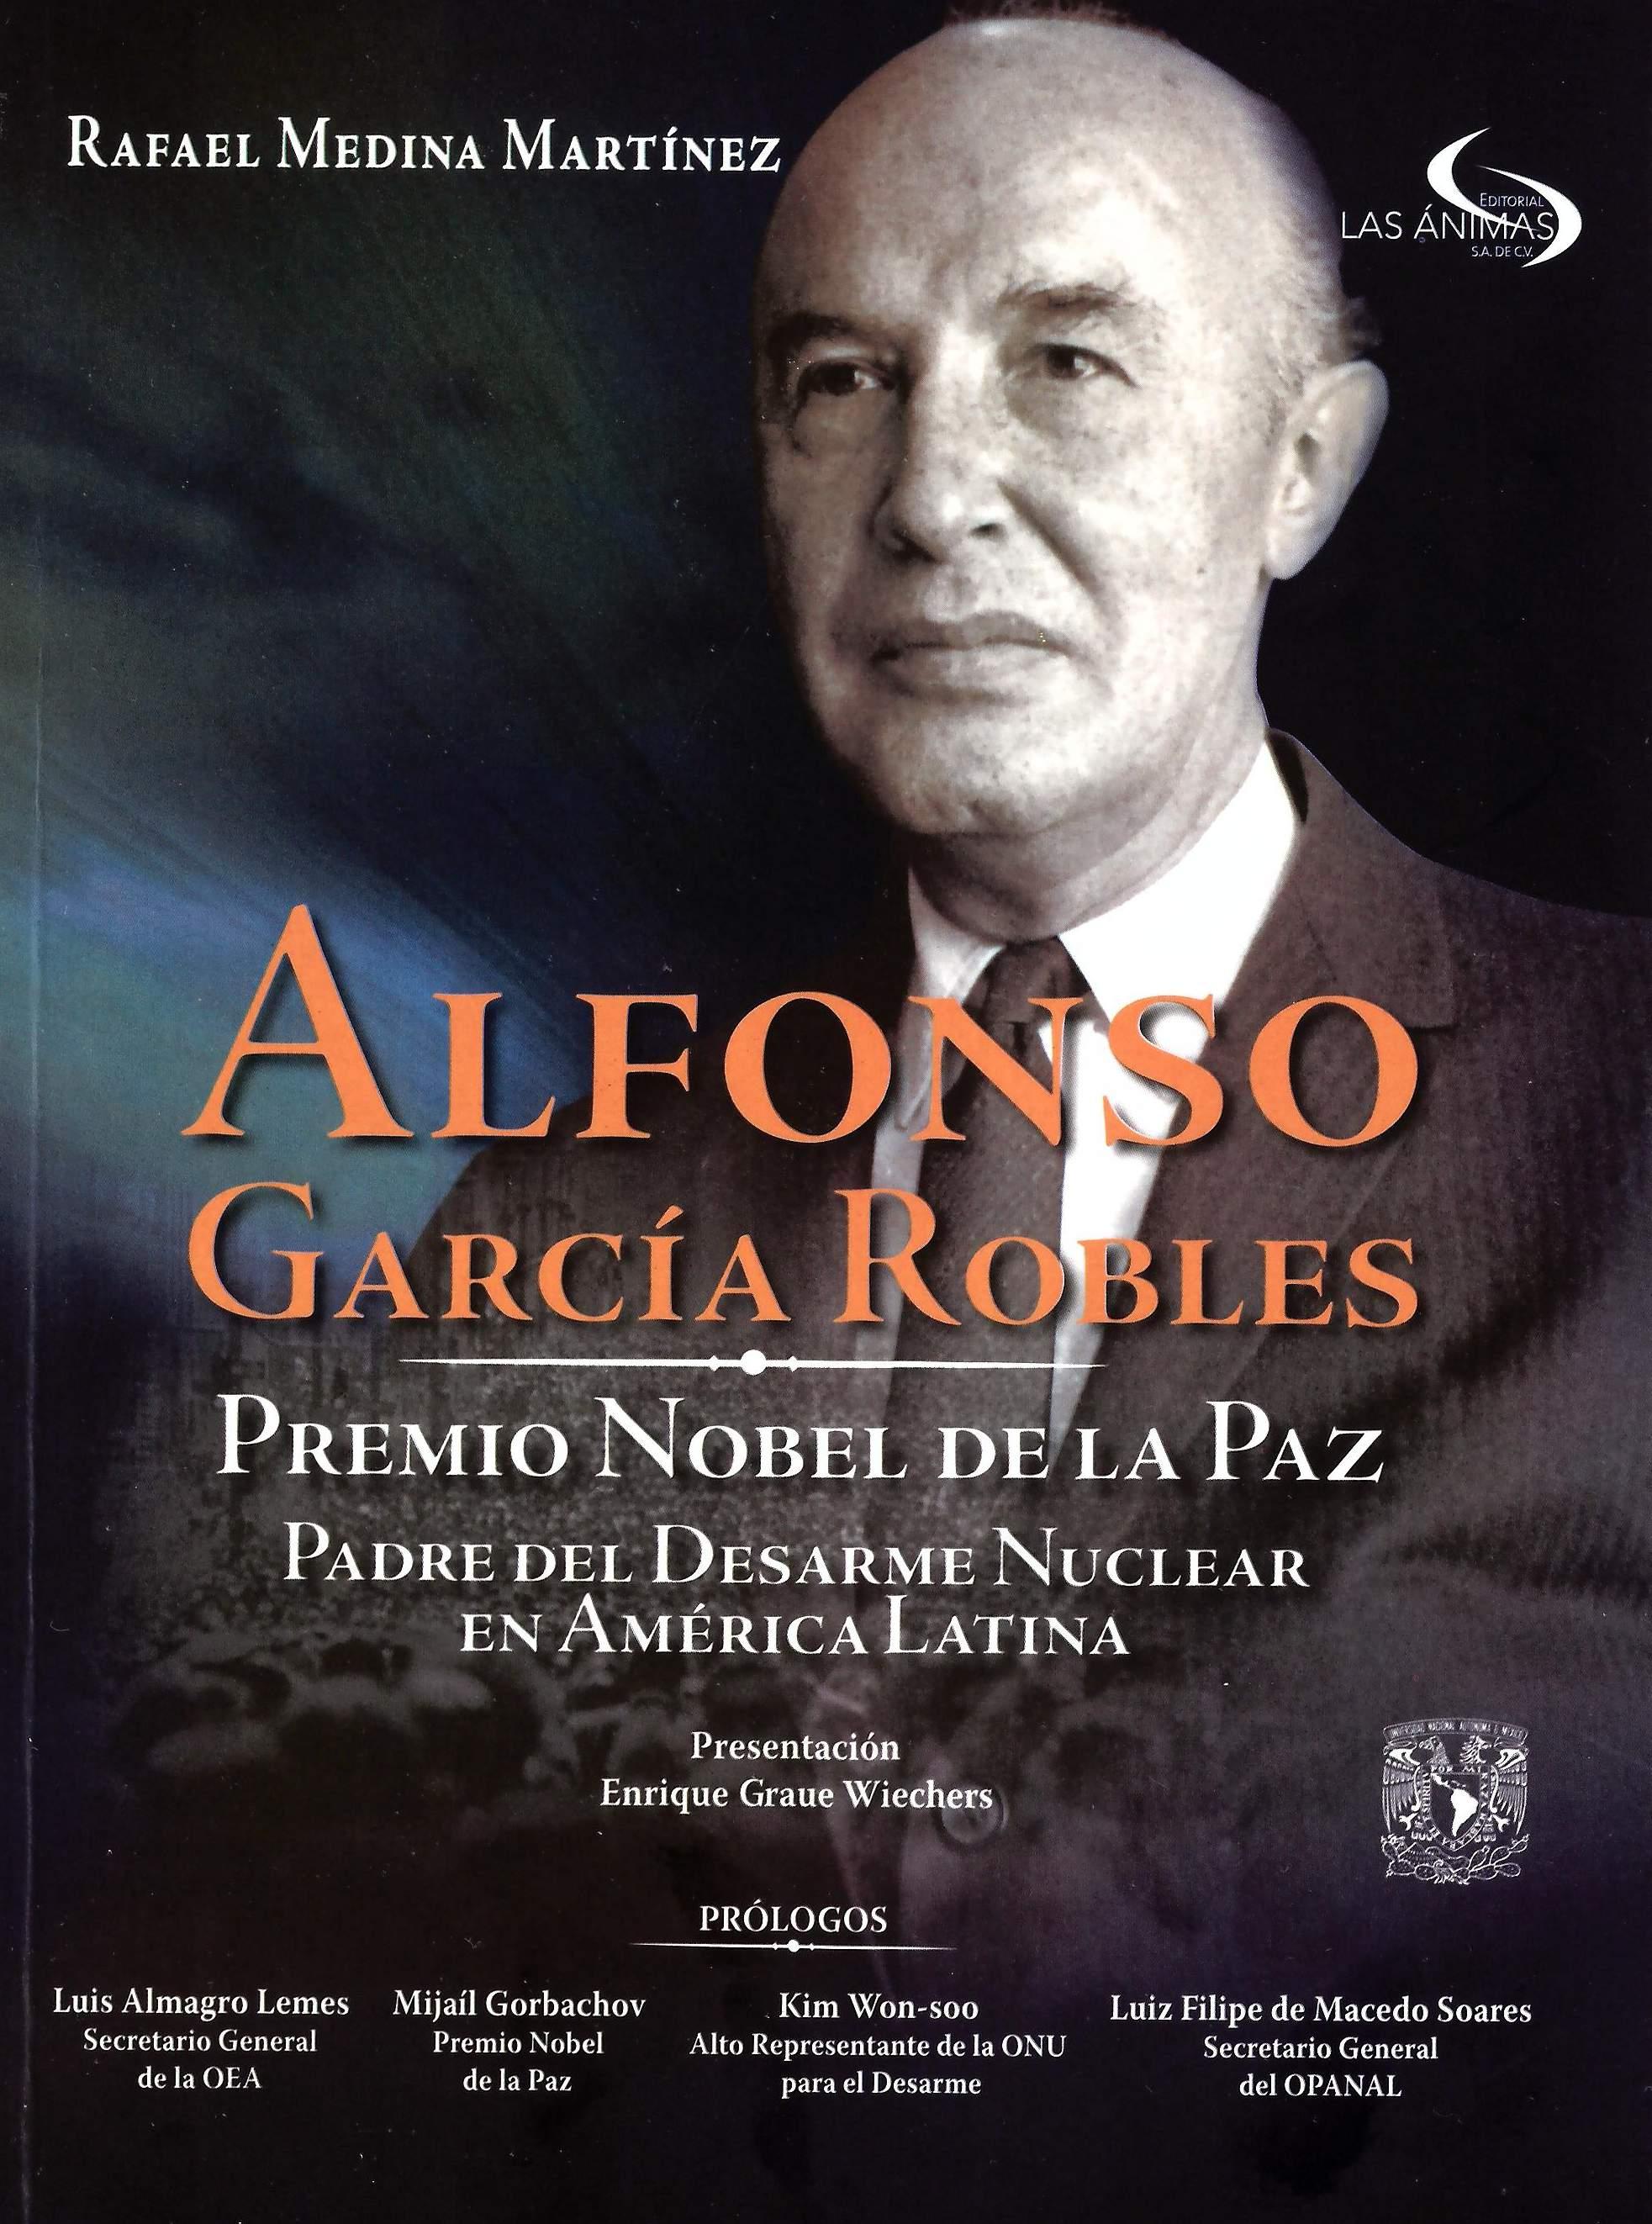 Alfonso García Robles Premio Nobel de la Paz, padre del desarme nuclearen América Latina